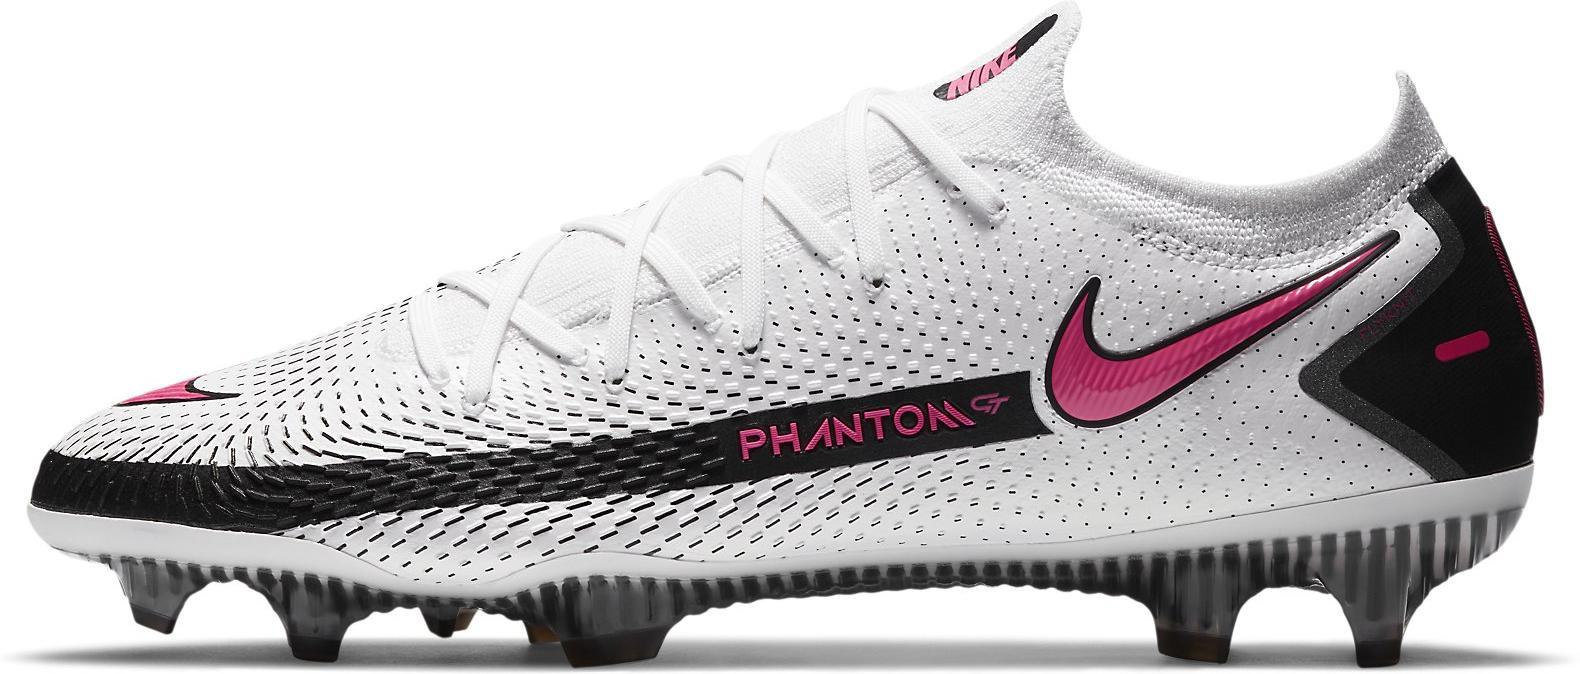 Kopačky Nike PHANTOM GT ELITE FG bílá